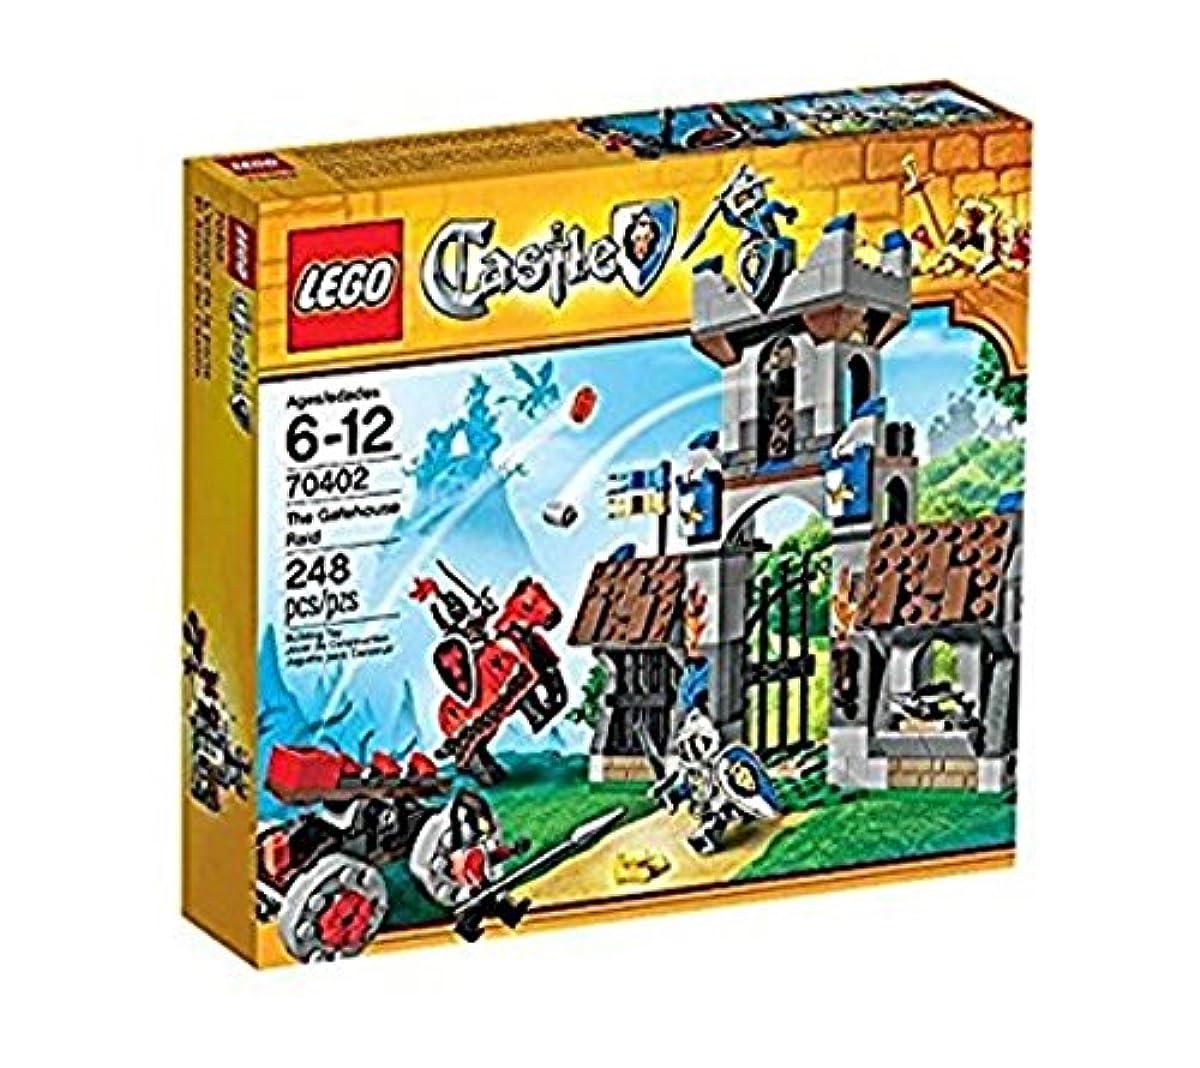 [해외] 레고 (LEGO) 캐슬 게이트 하우스에의 침입 70402